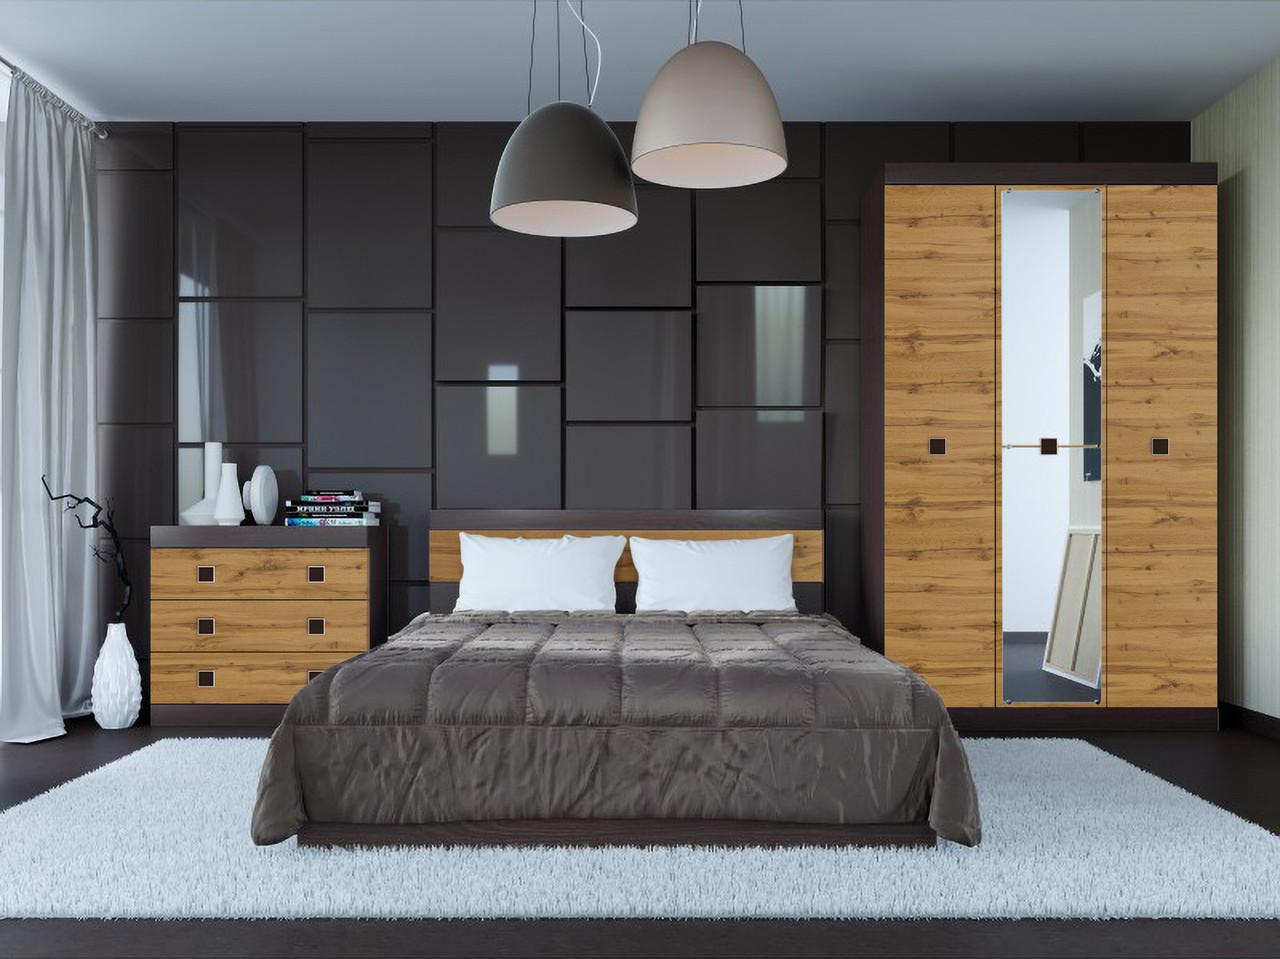 Спальня комплект 1 с зеркалом ЭВЕРЕСТ Дуб сонома + Белый, фото 3